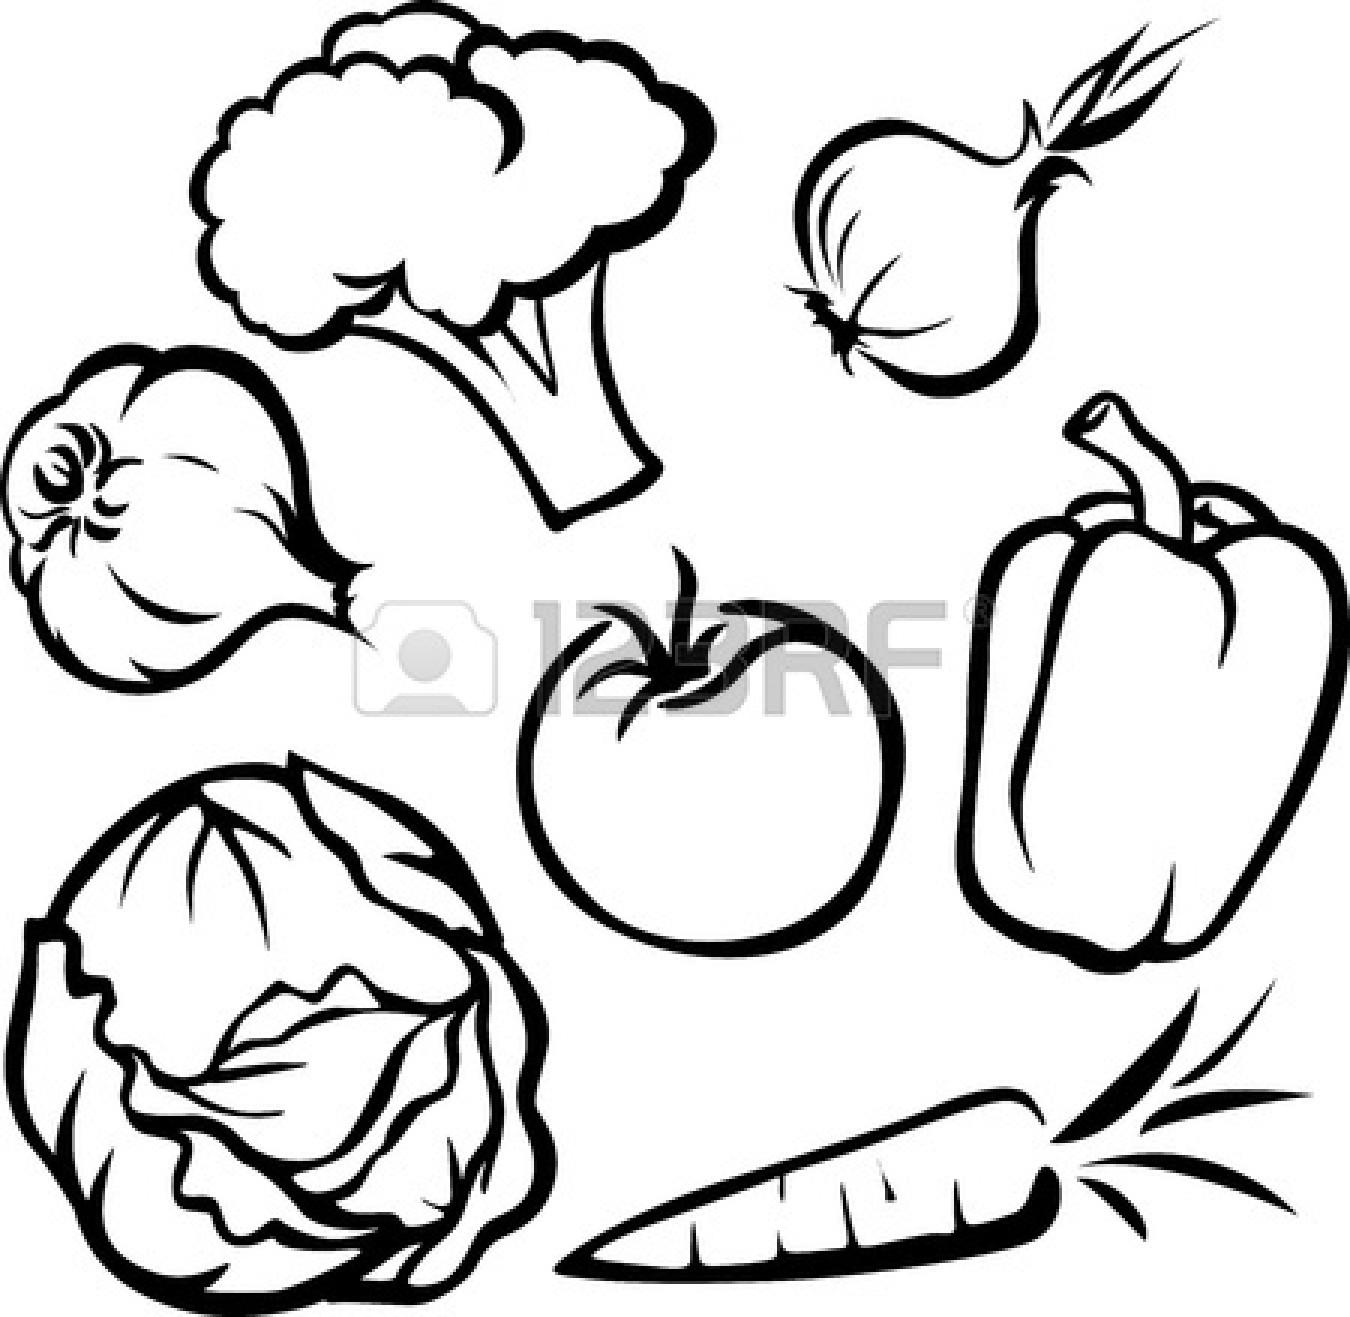 Vegetables Clipart Black And White Border